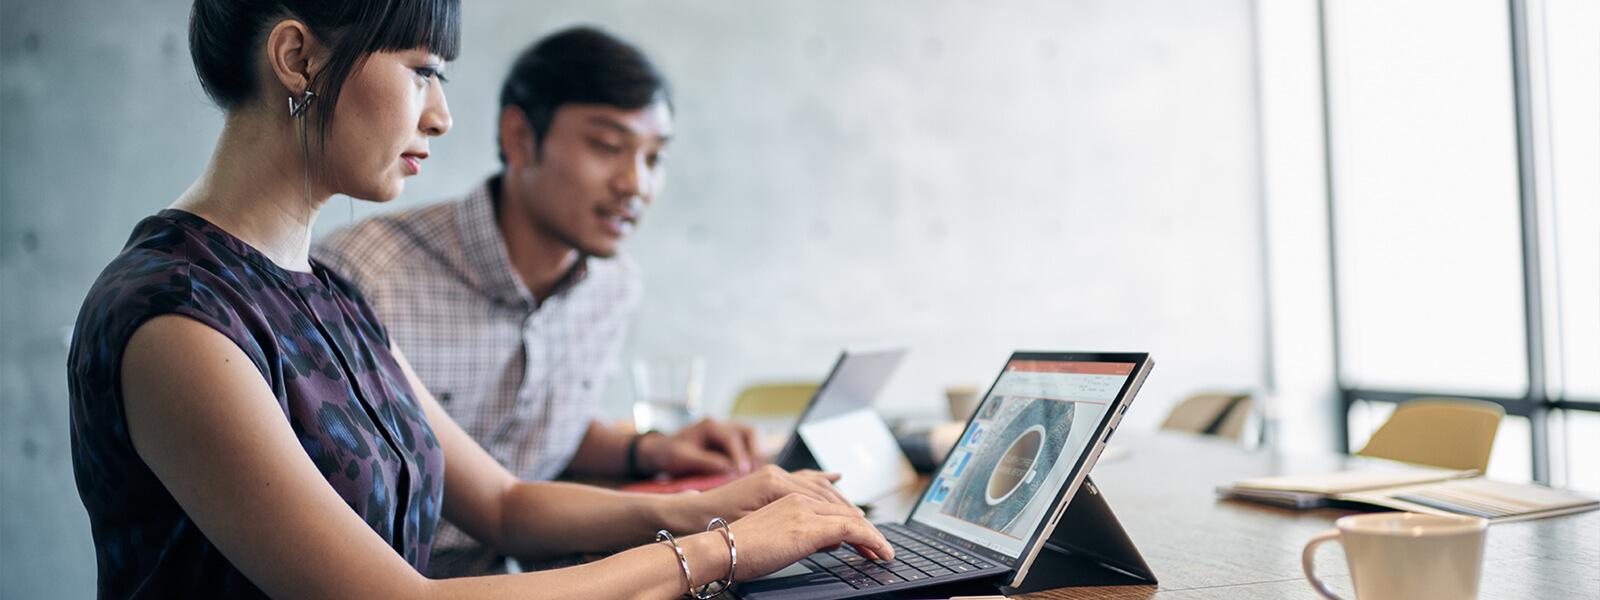 女人在桌上的 Surface Pro 4 裝置上打字。